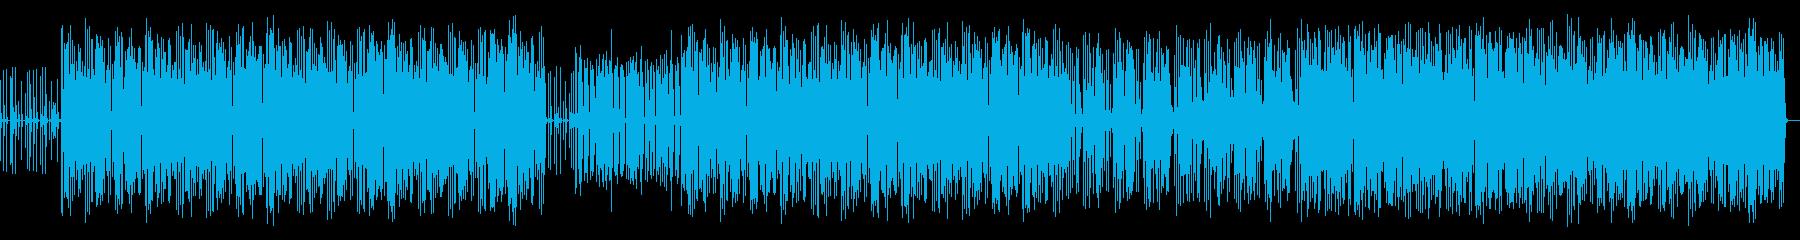 哀愁的なヒップホップの再生済みの波形